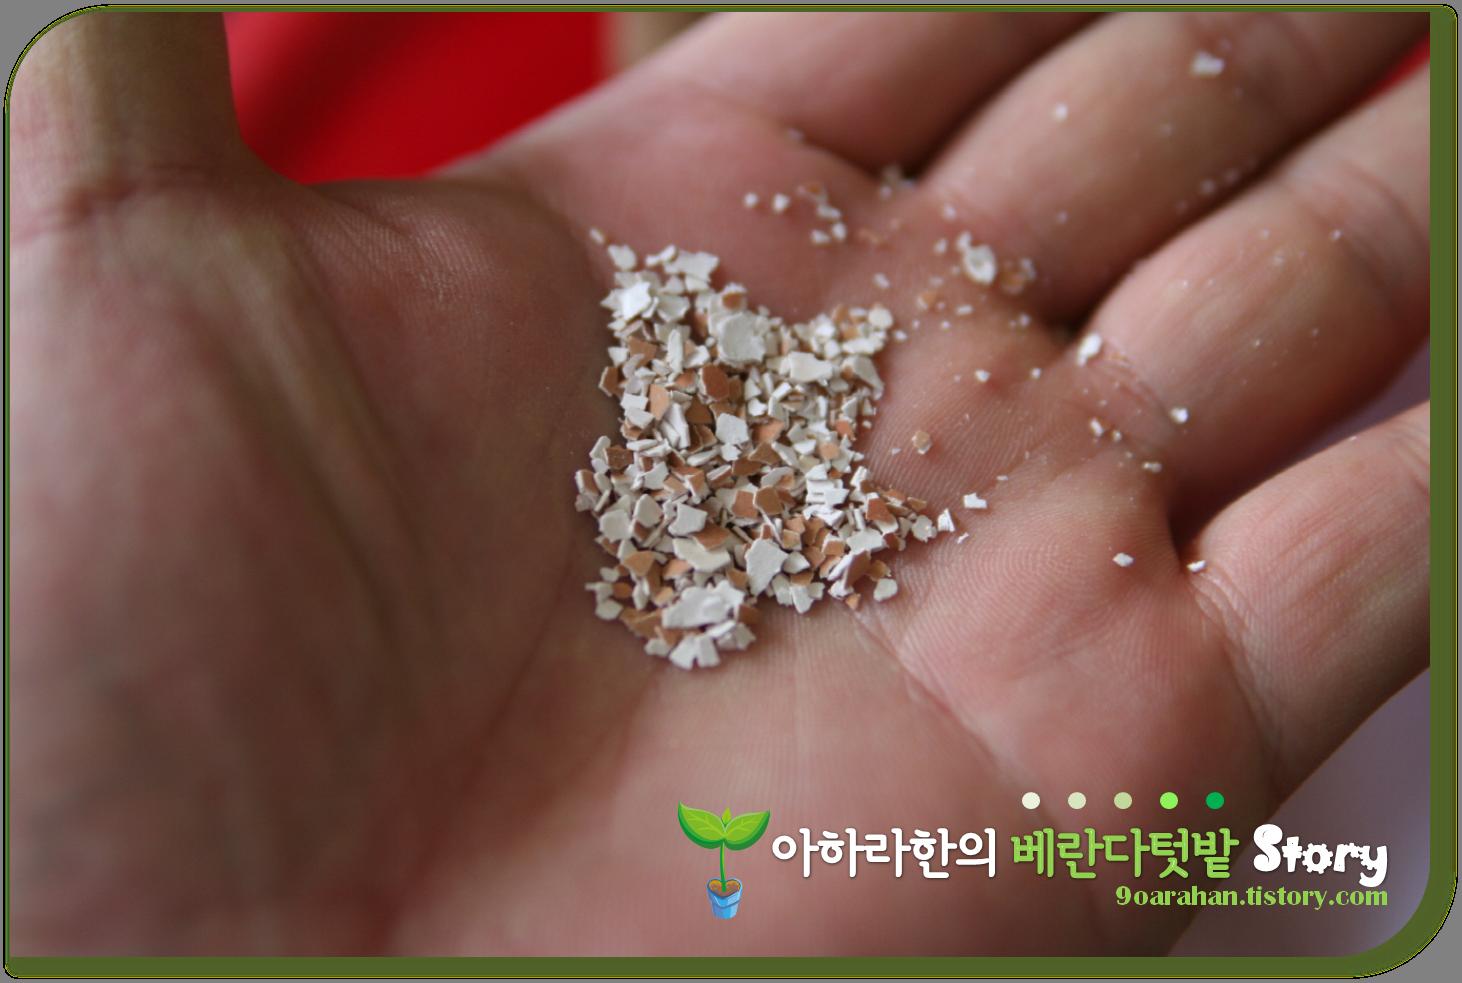 [계란껍질, 식초 액비] 계란껍질과 식초가 화분비료? 계란껍질 활용한 천연비료만들기!